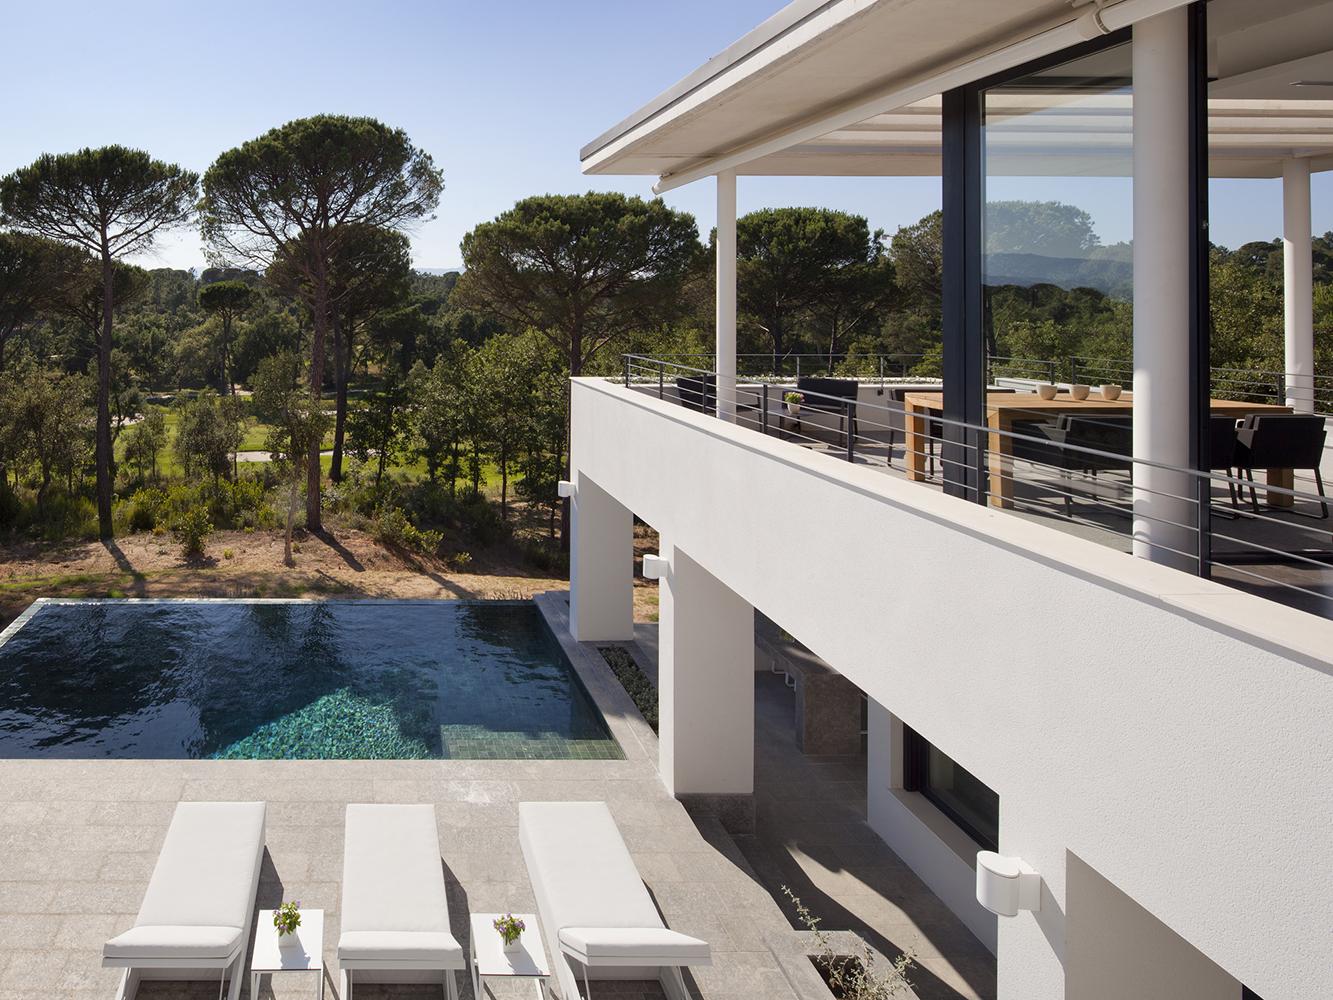 5 PGA Catalunya - Balcony View